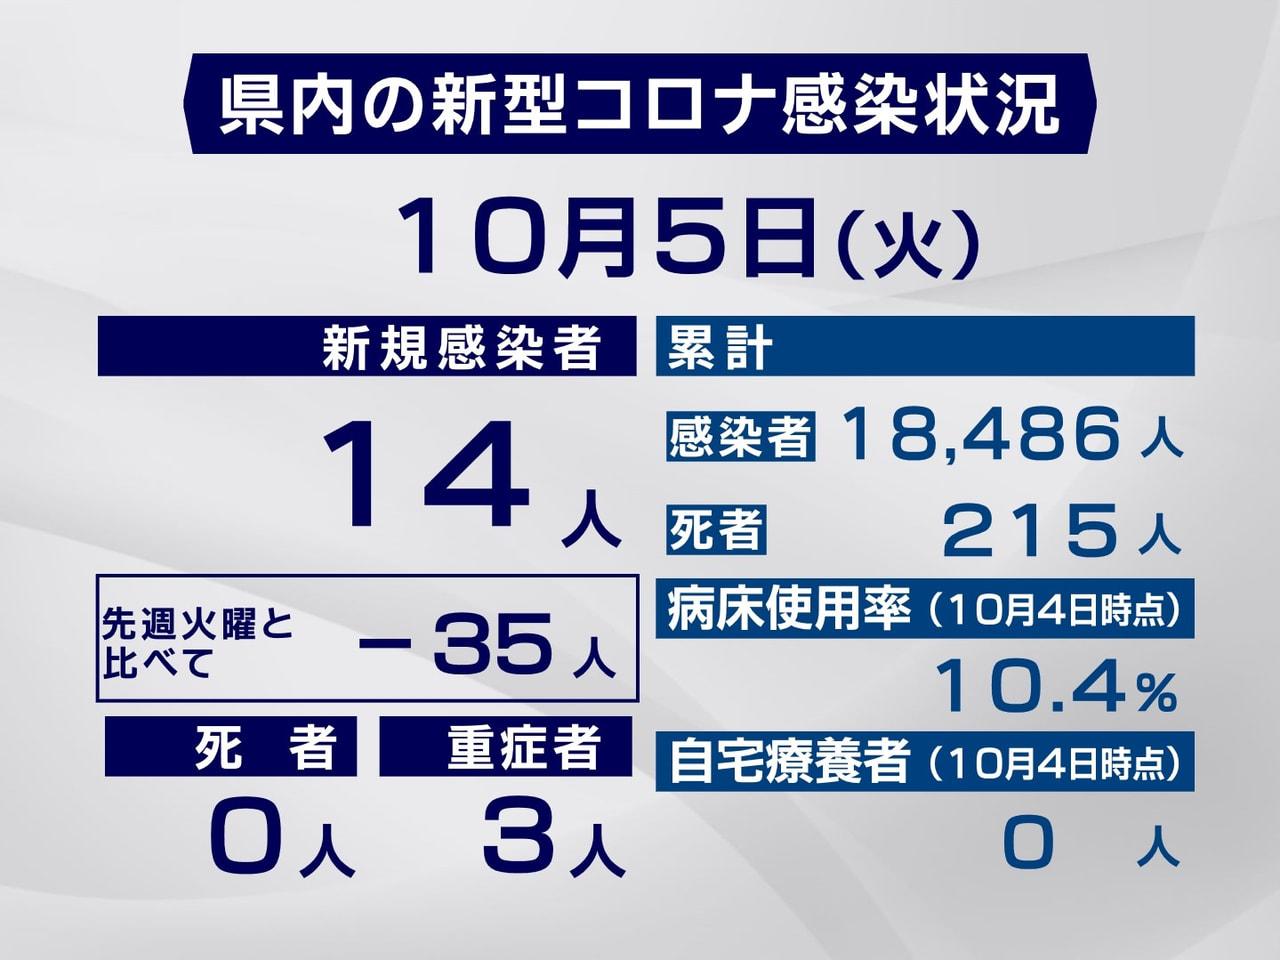 岐阜県と岐阜市は5日、新型コロナウイルスの感染が新たに14人確認されたと発表しま...